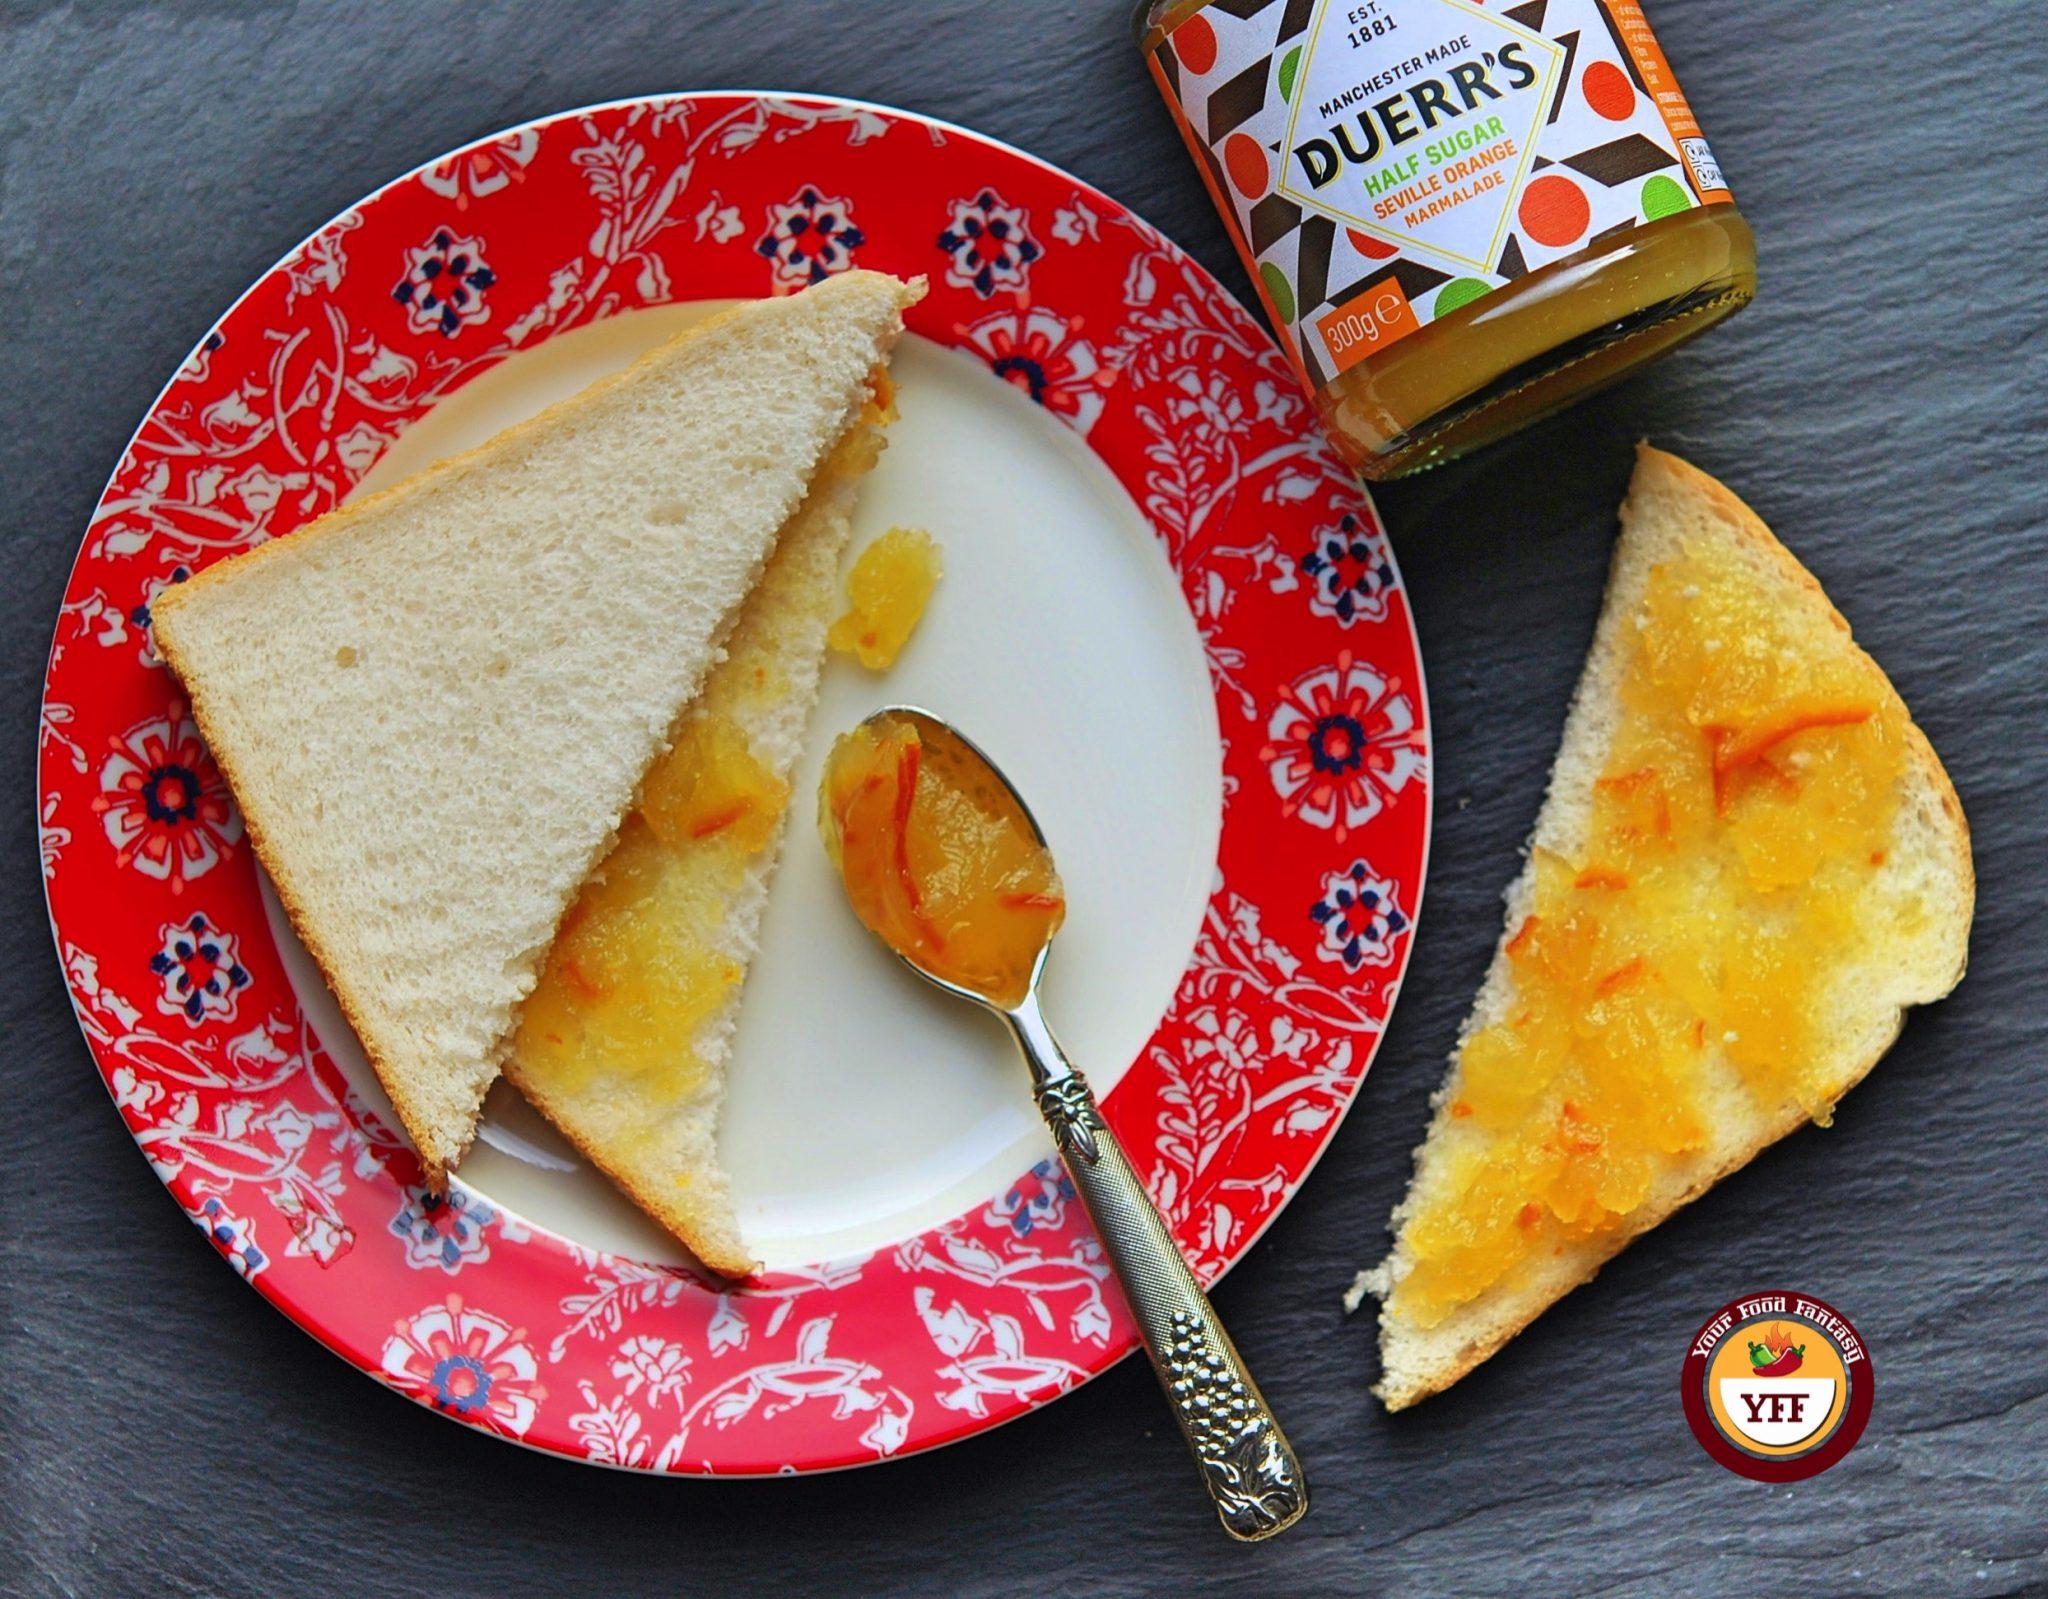 Duerr's Orange Marmalade Reveiw | Your Food Fantasy